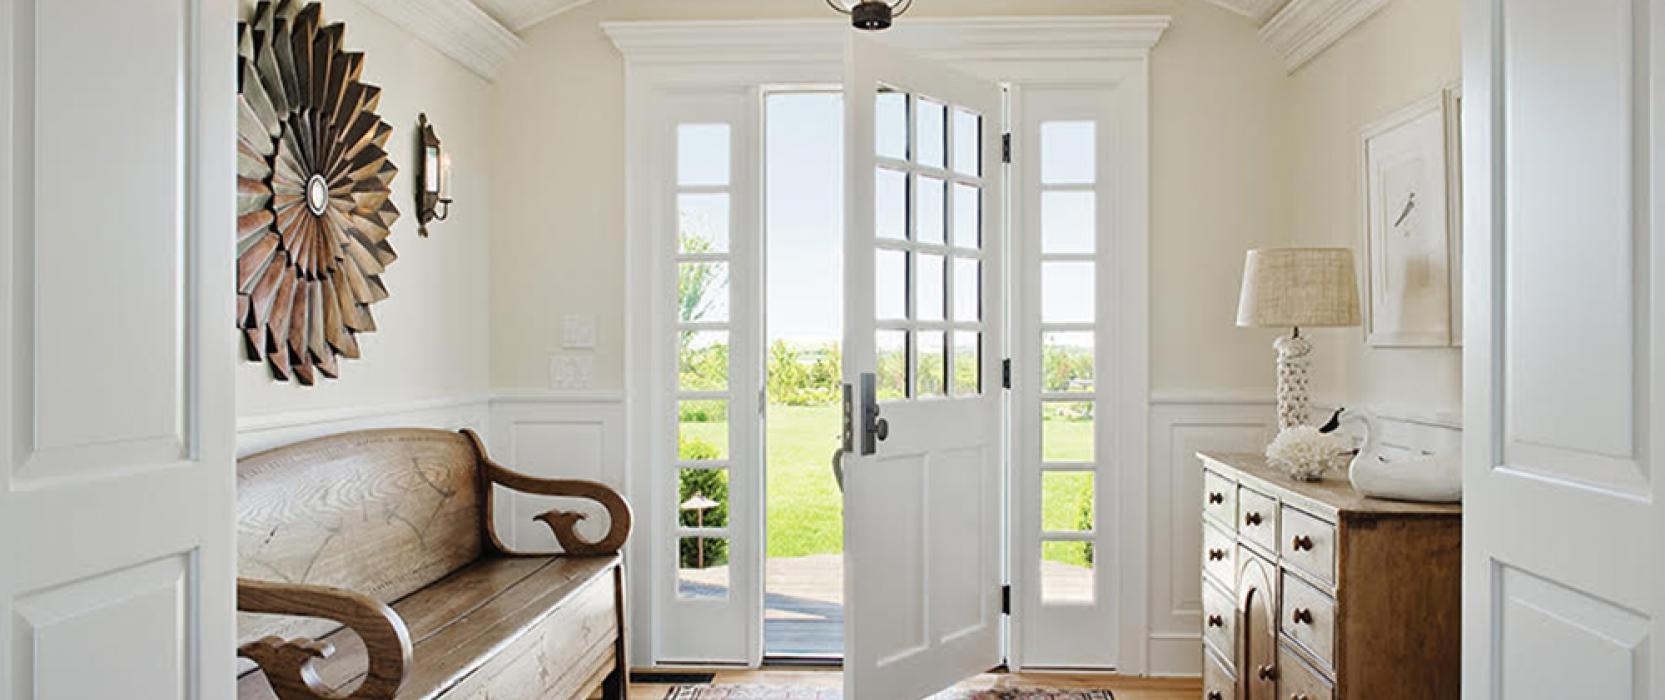 Boston Design Guide Home Decor Interior